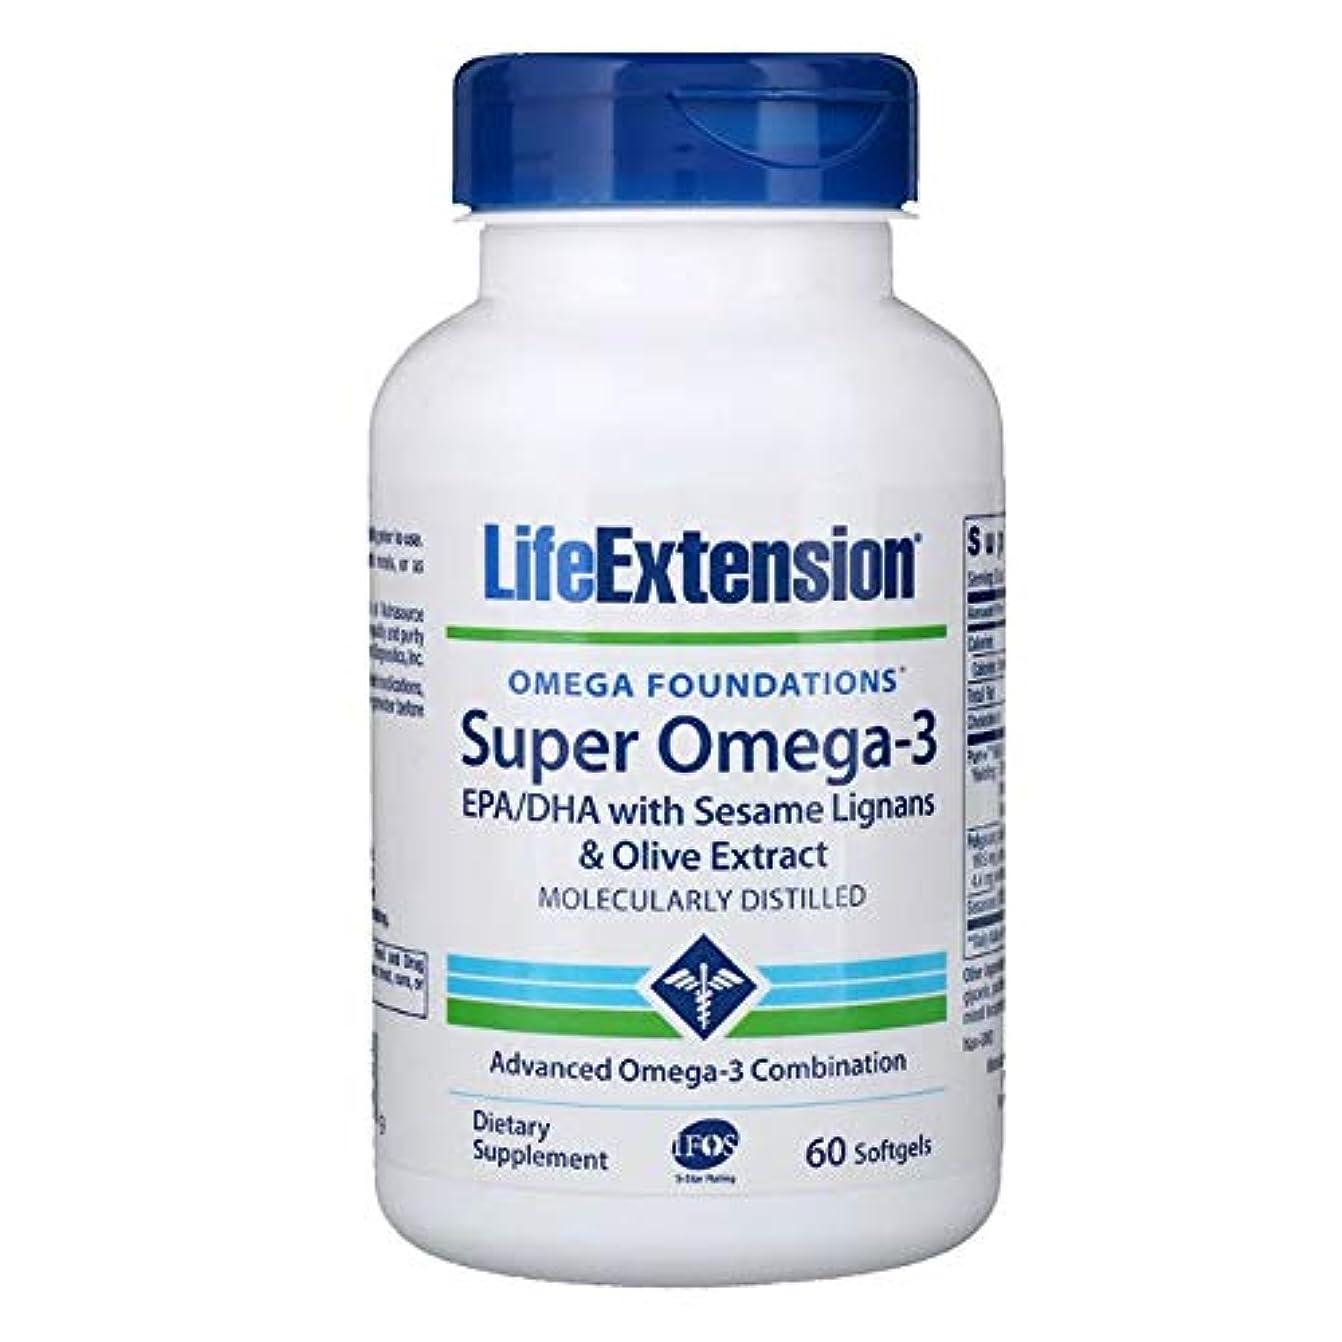 エレベーターピンチ寛解Life Extension オメガファンデーション オメガの基盤 スーパーオメガ 3 ソフトジェル 60粒 【アメリカ直送】